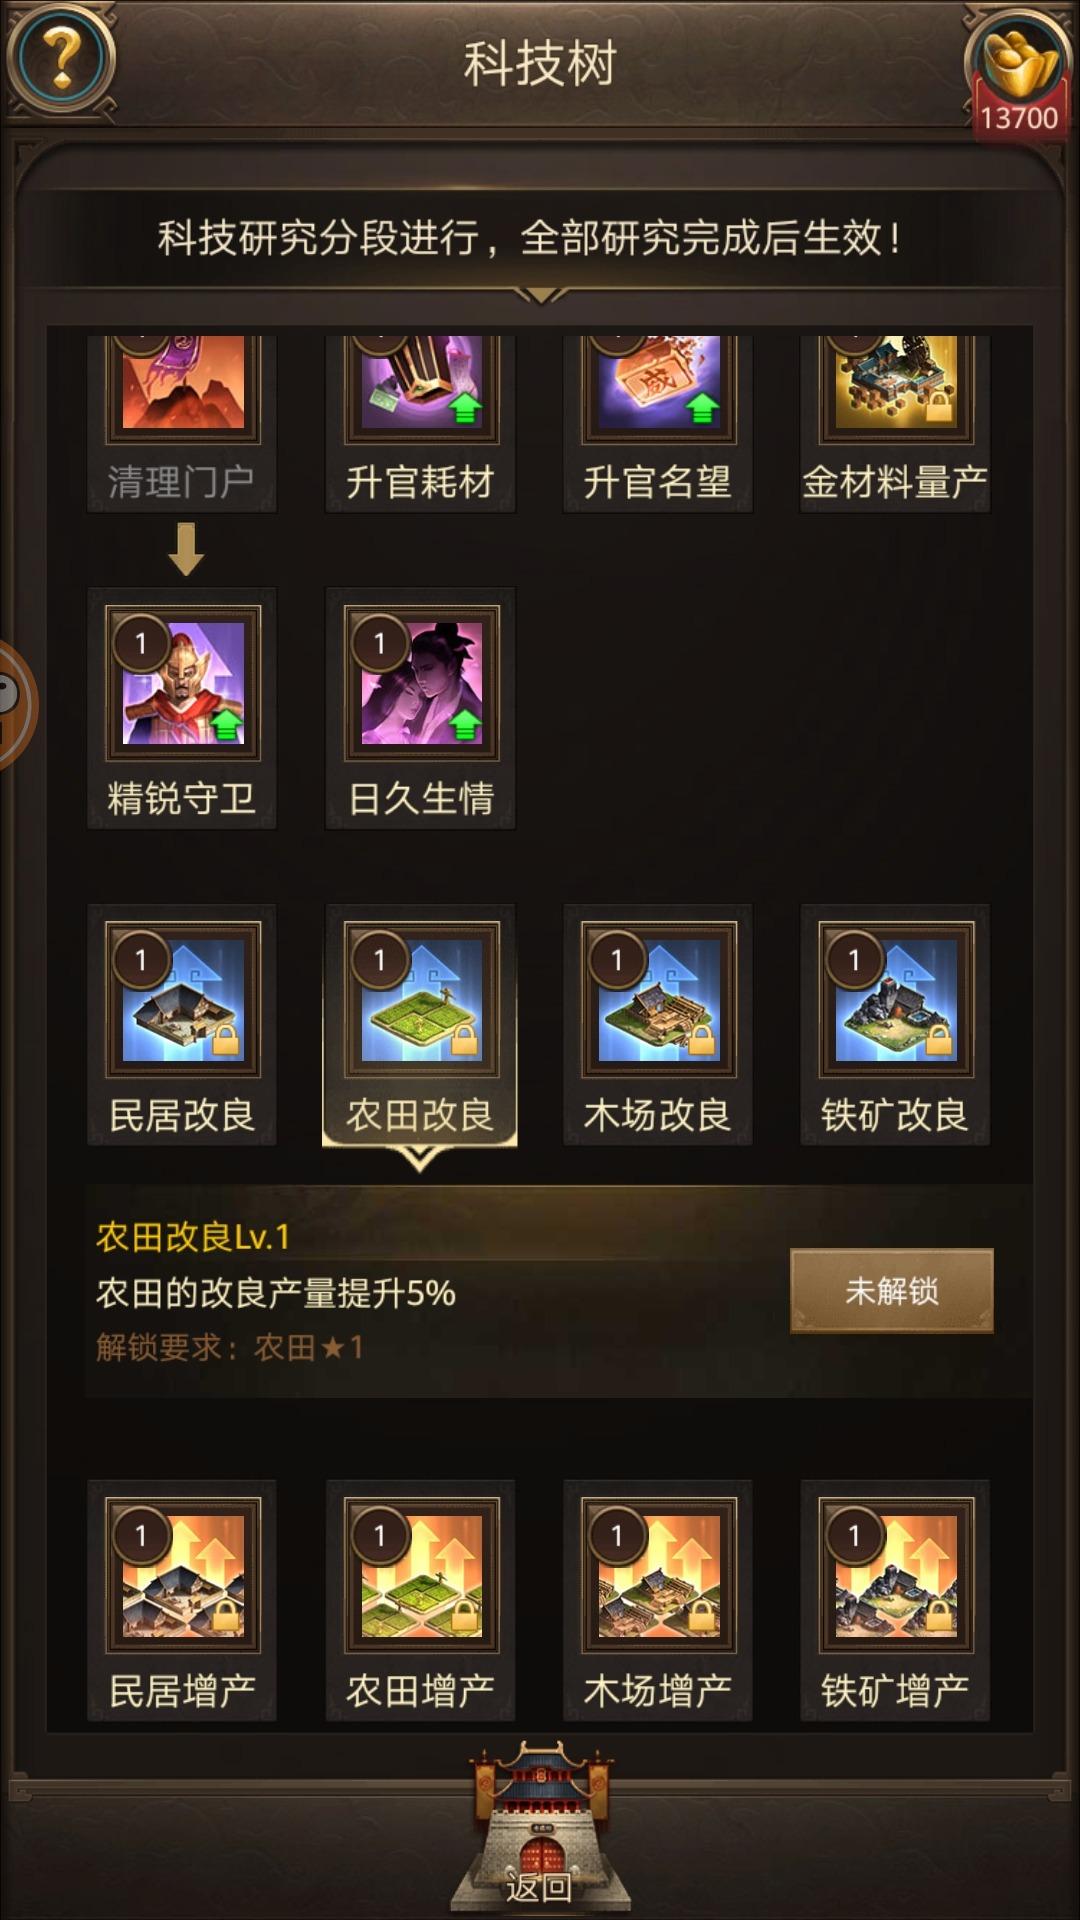 Screenshot_20190618-144104.jpg